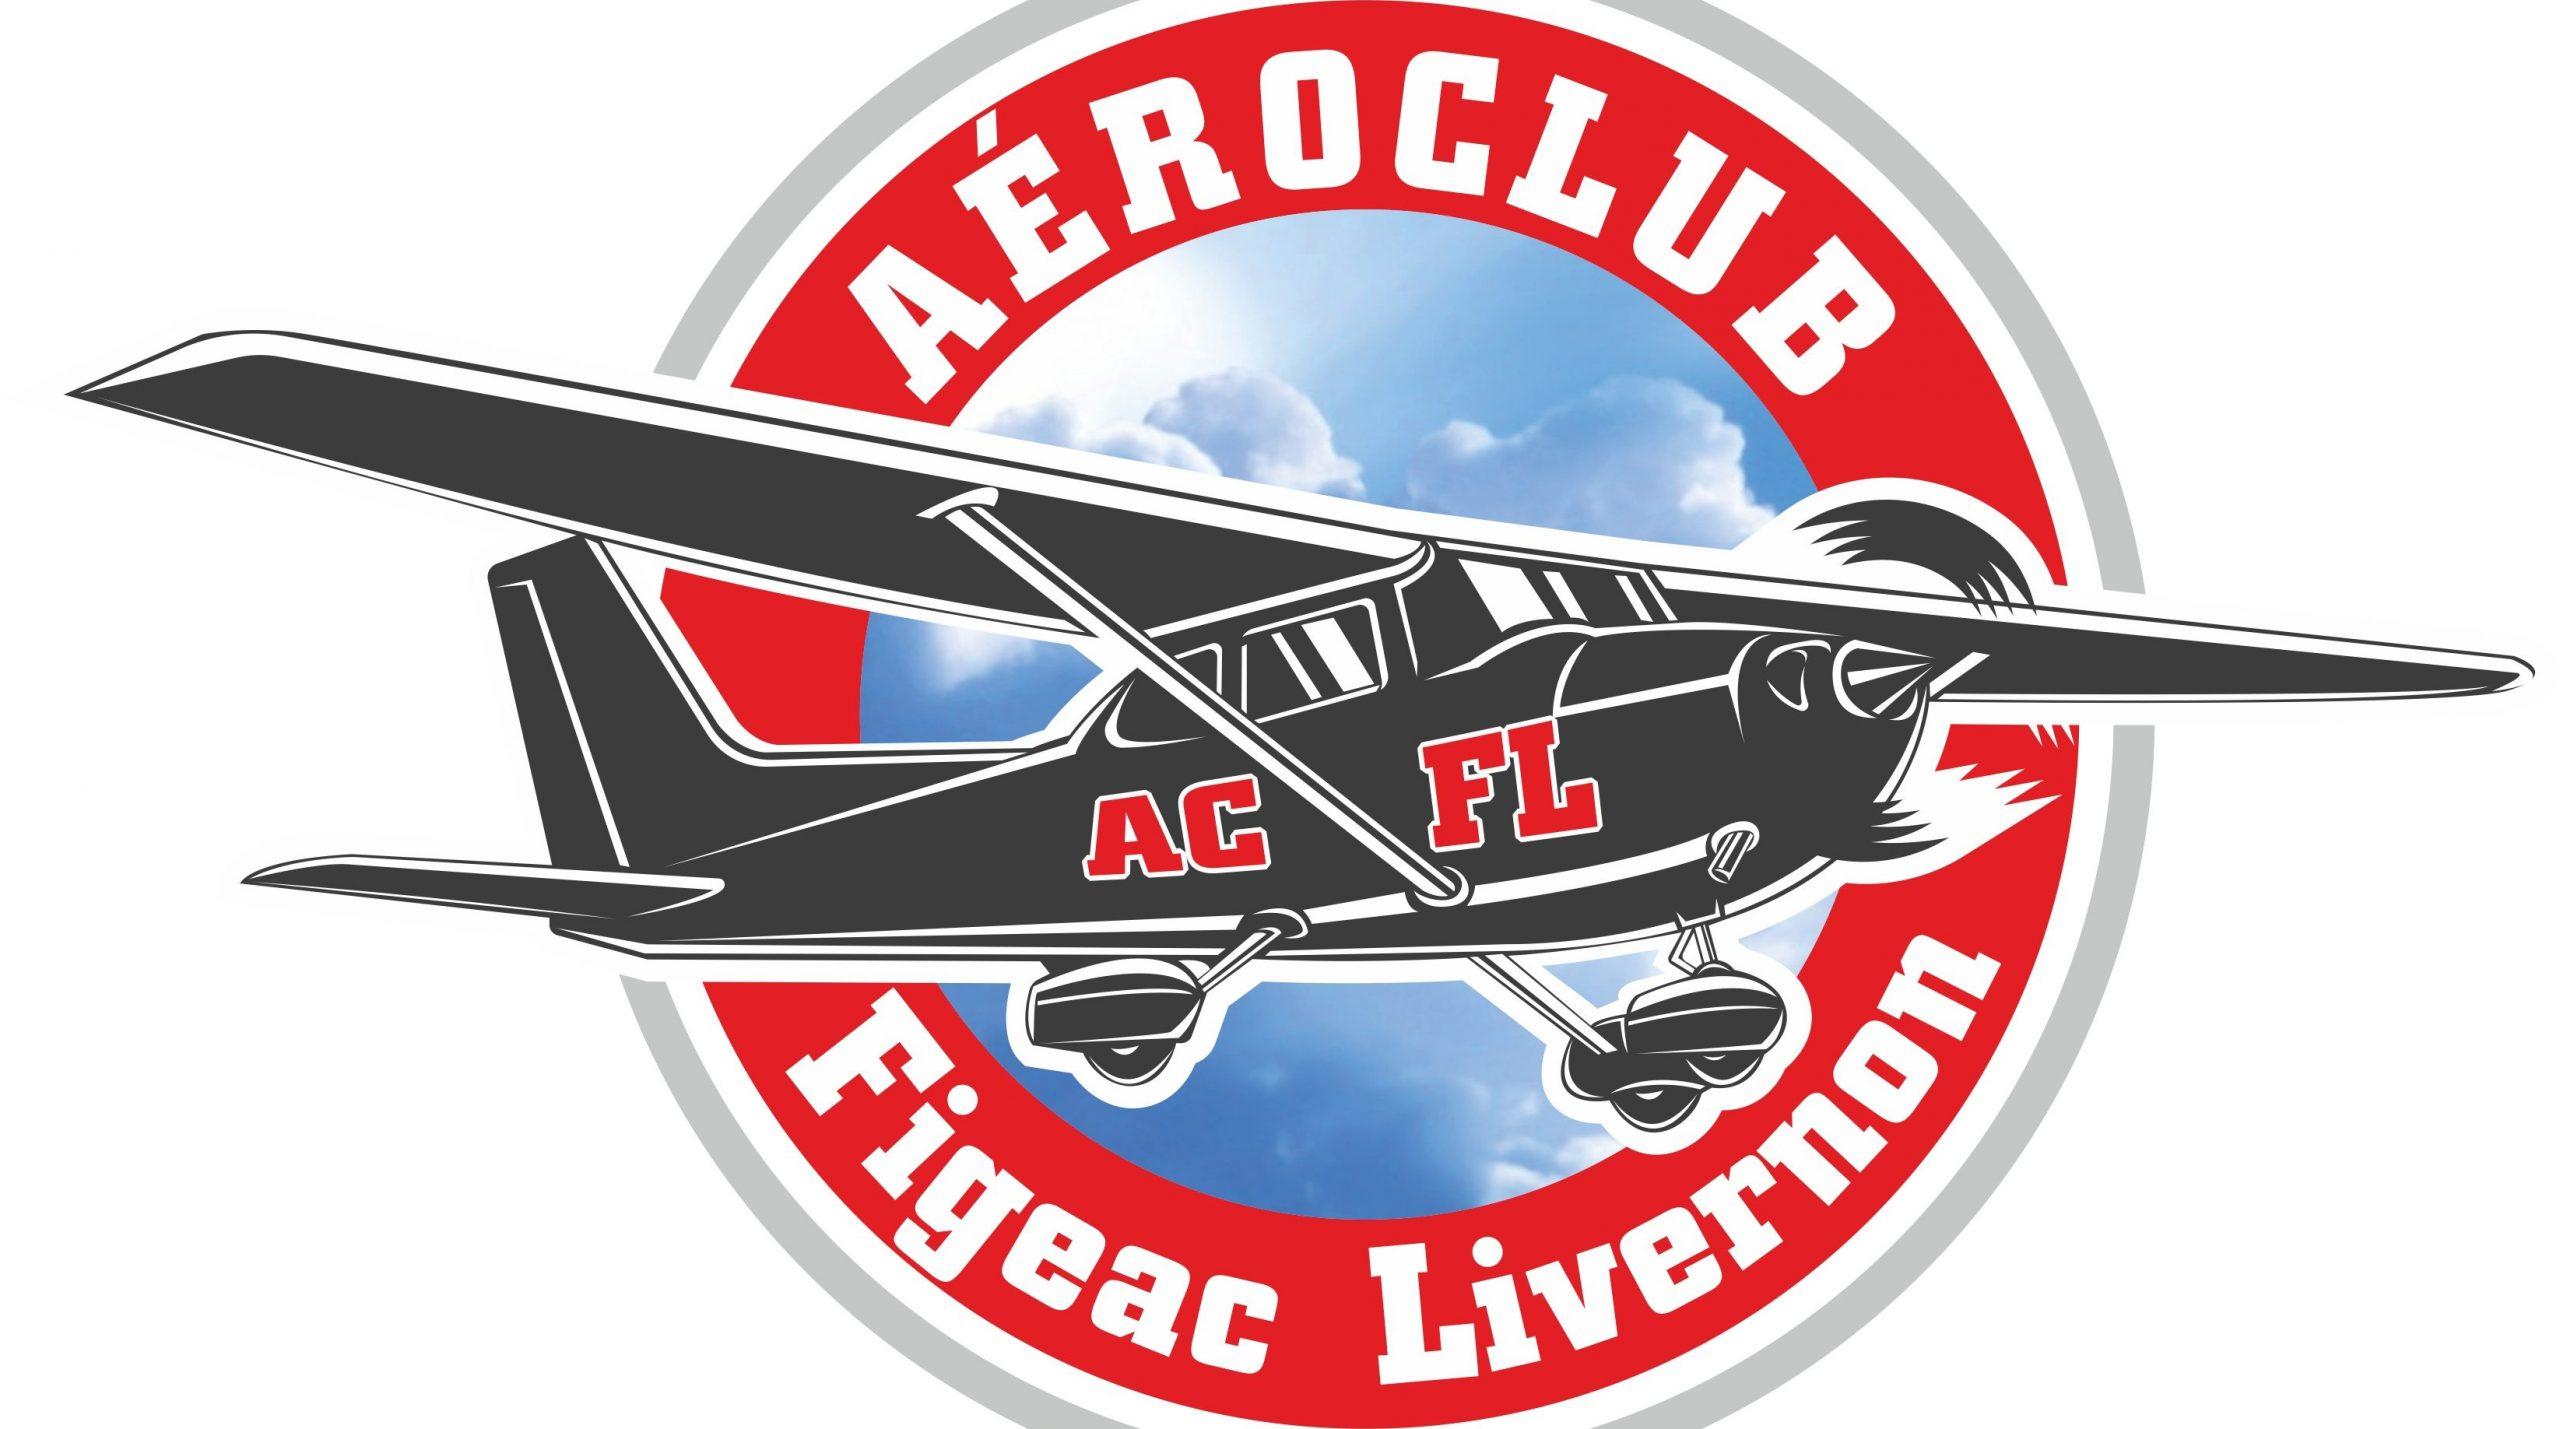 ACFL - Aéroclub de Figeac-Livernon